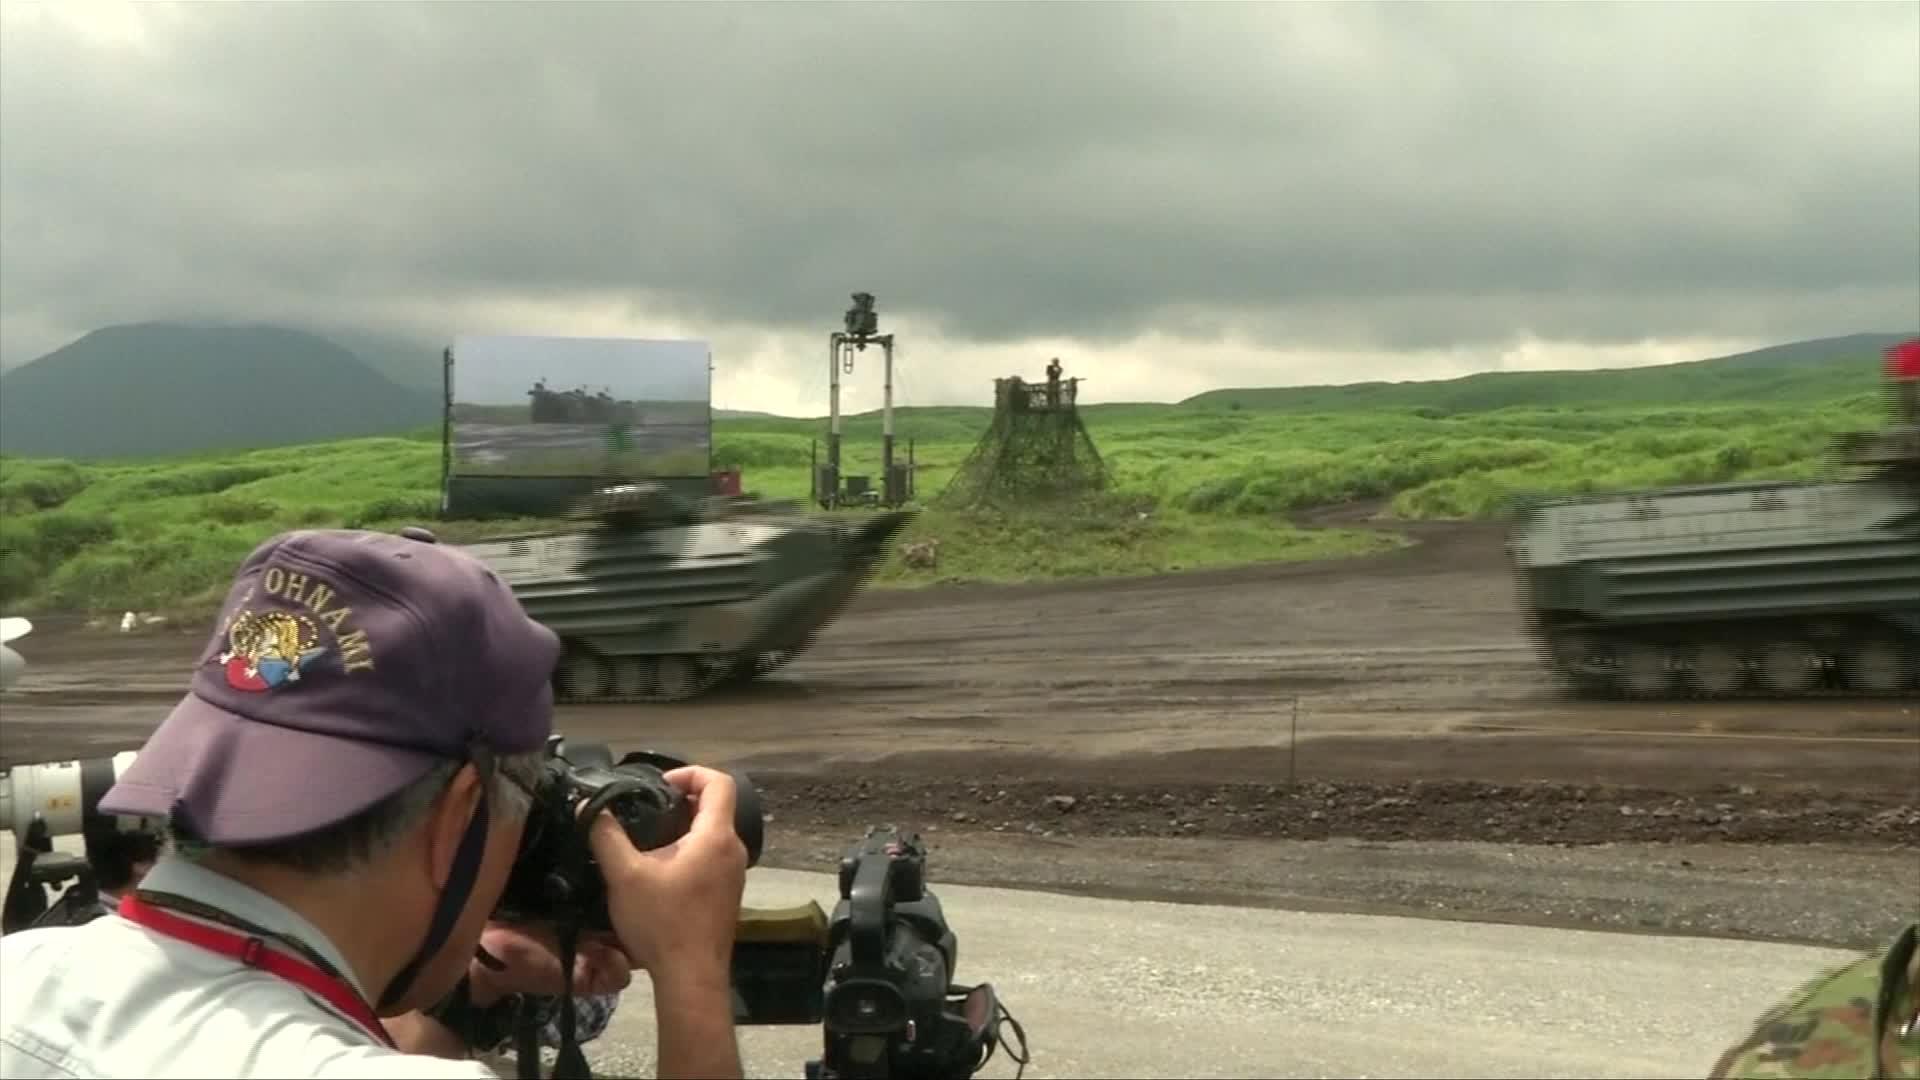 令和首次富士山軍事演習 80輛坦克實彈射擊